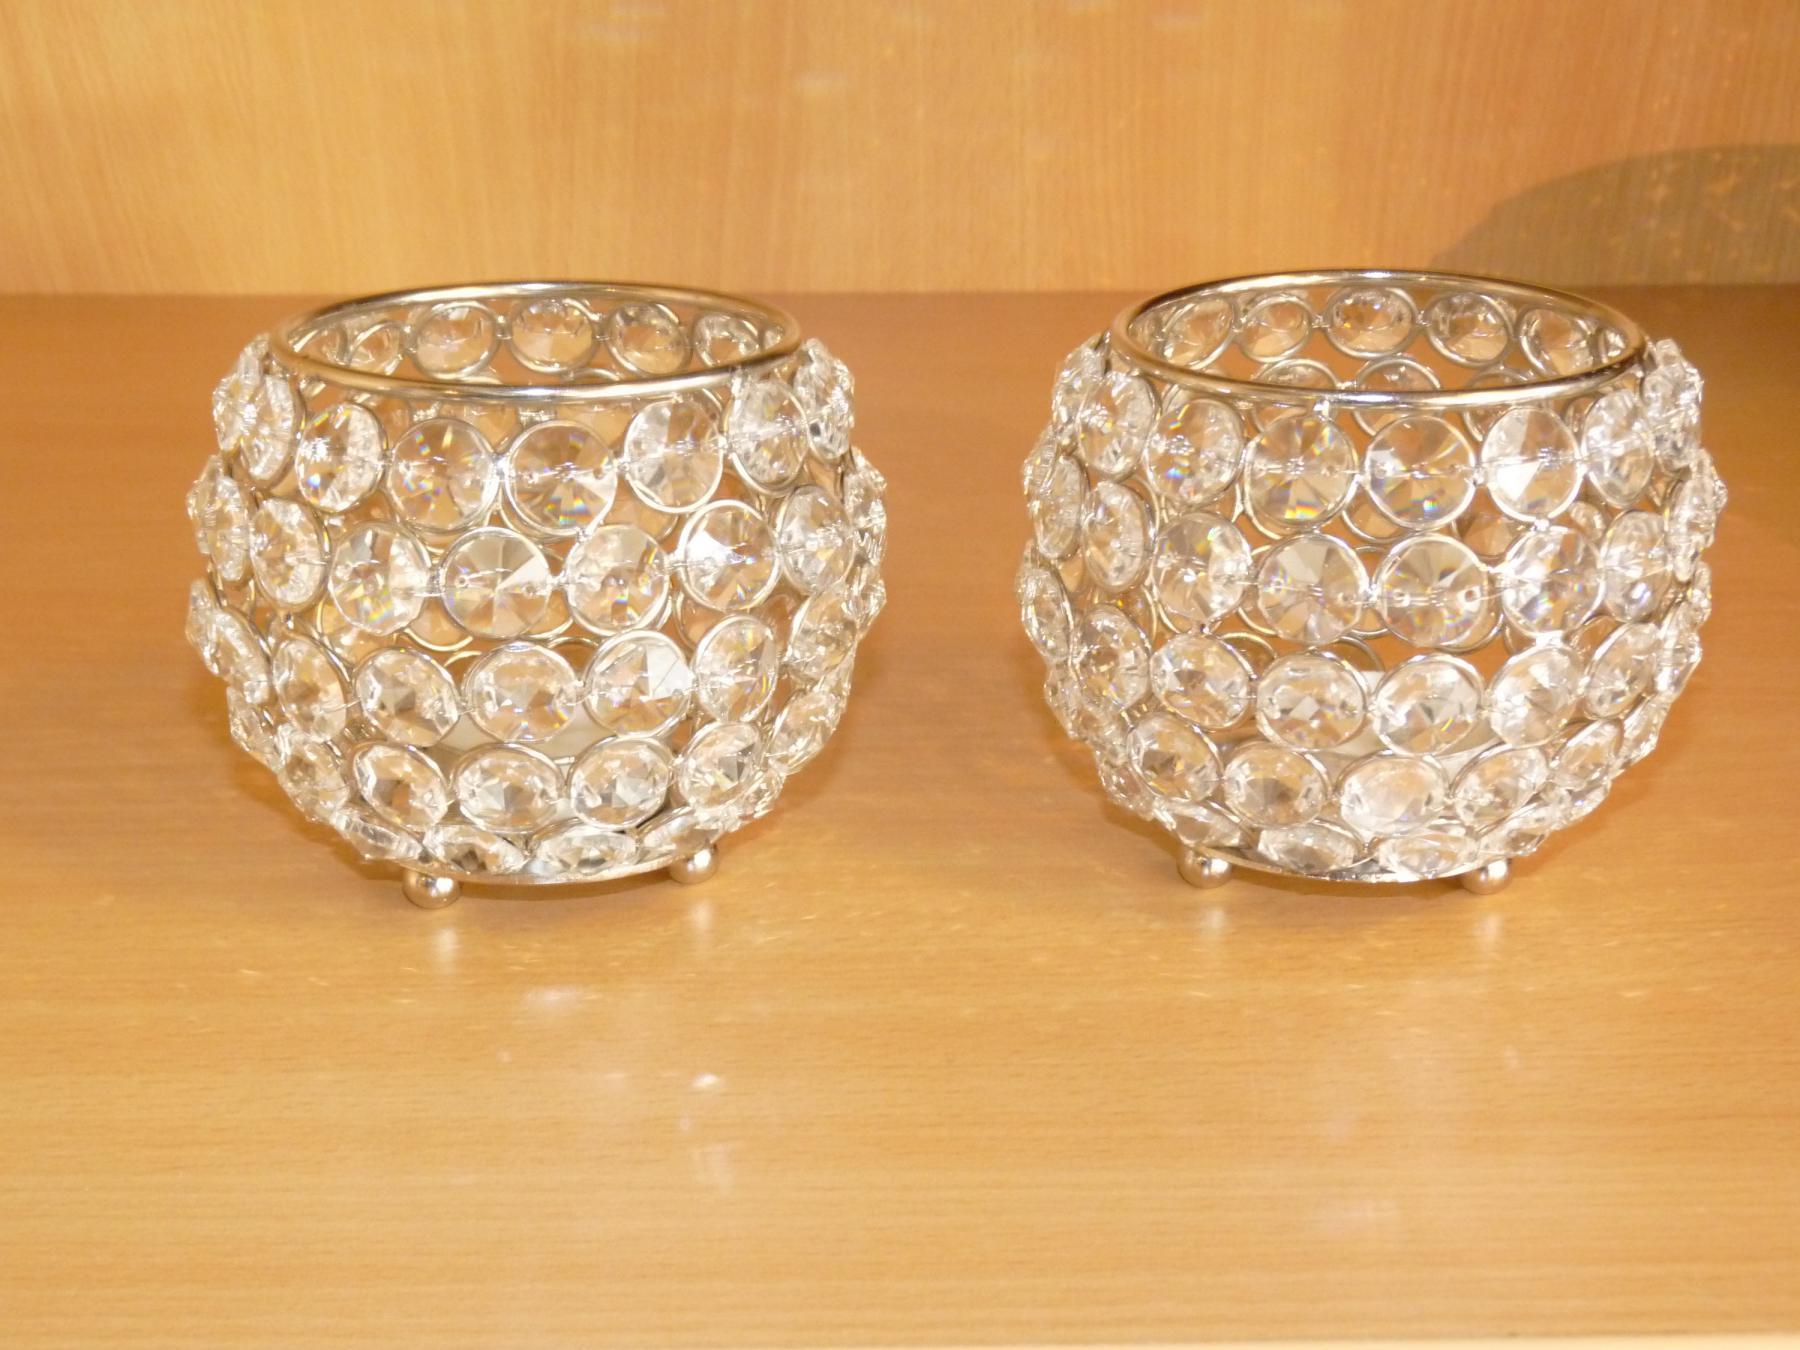 Kristall Kerzenstander Kugel 10 Cm 4er Set Teelichthalter Kerzenhalter Teelichthalter Bling Bling Tafel Hochzeit Tischdeko Gastgeschenke Silber